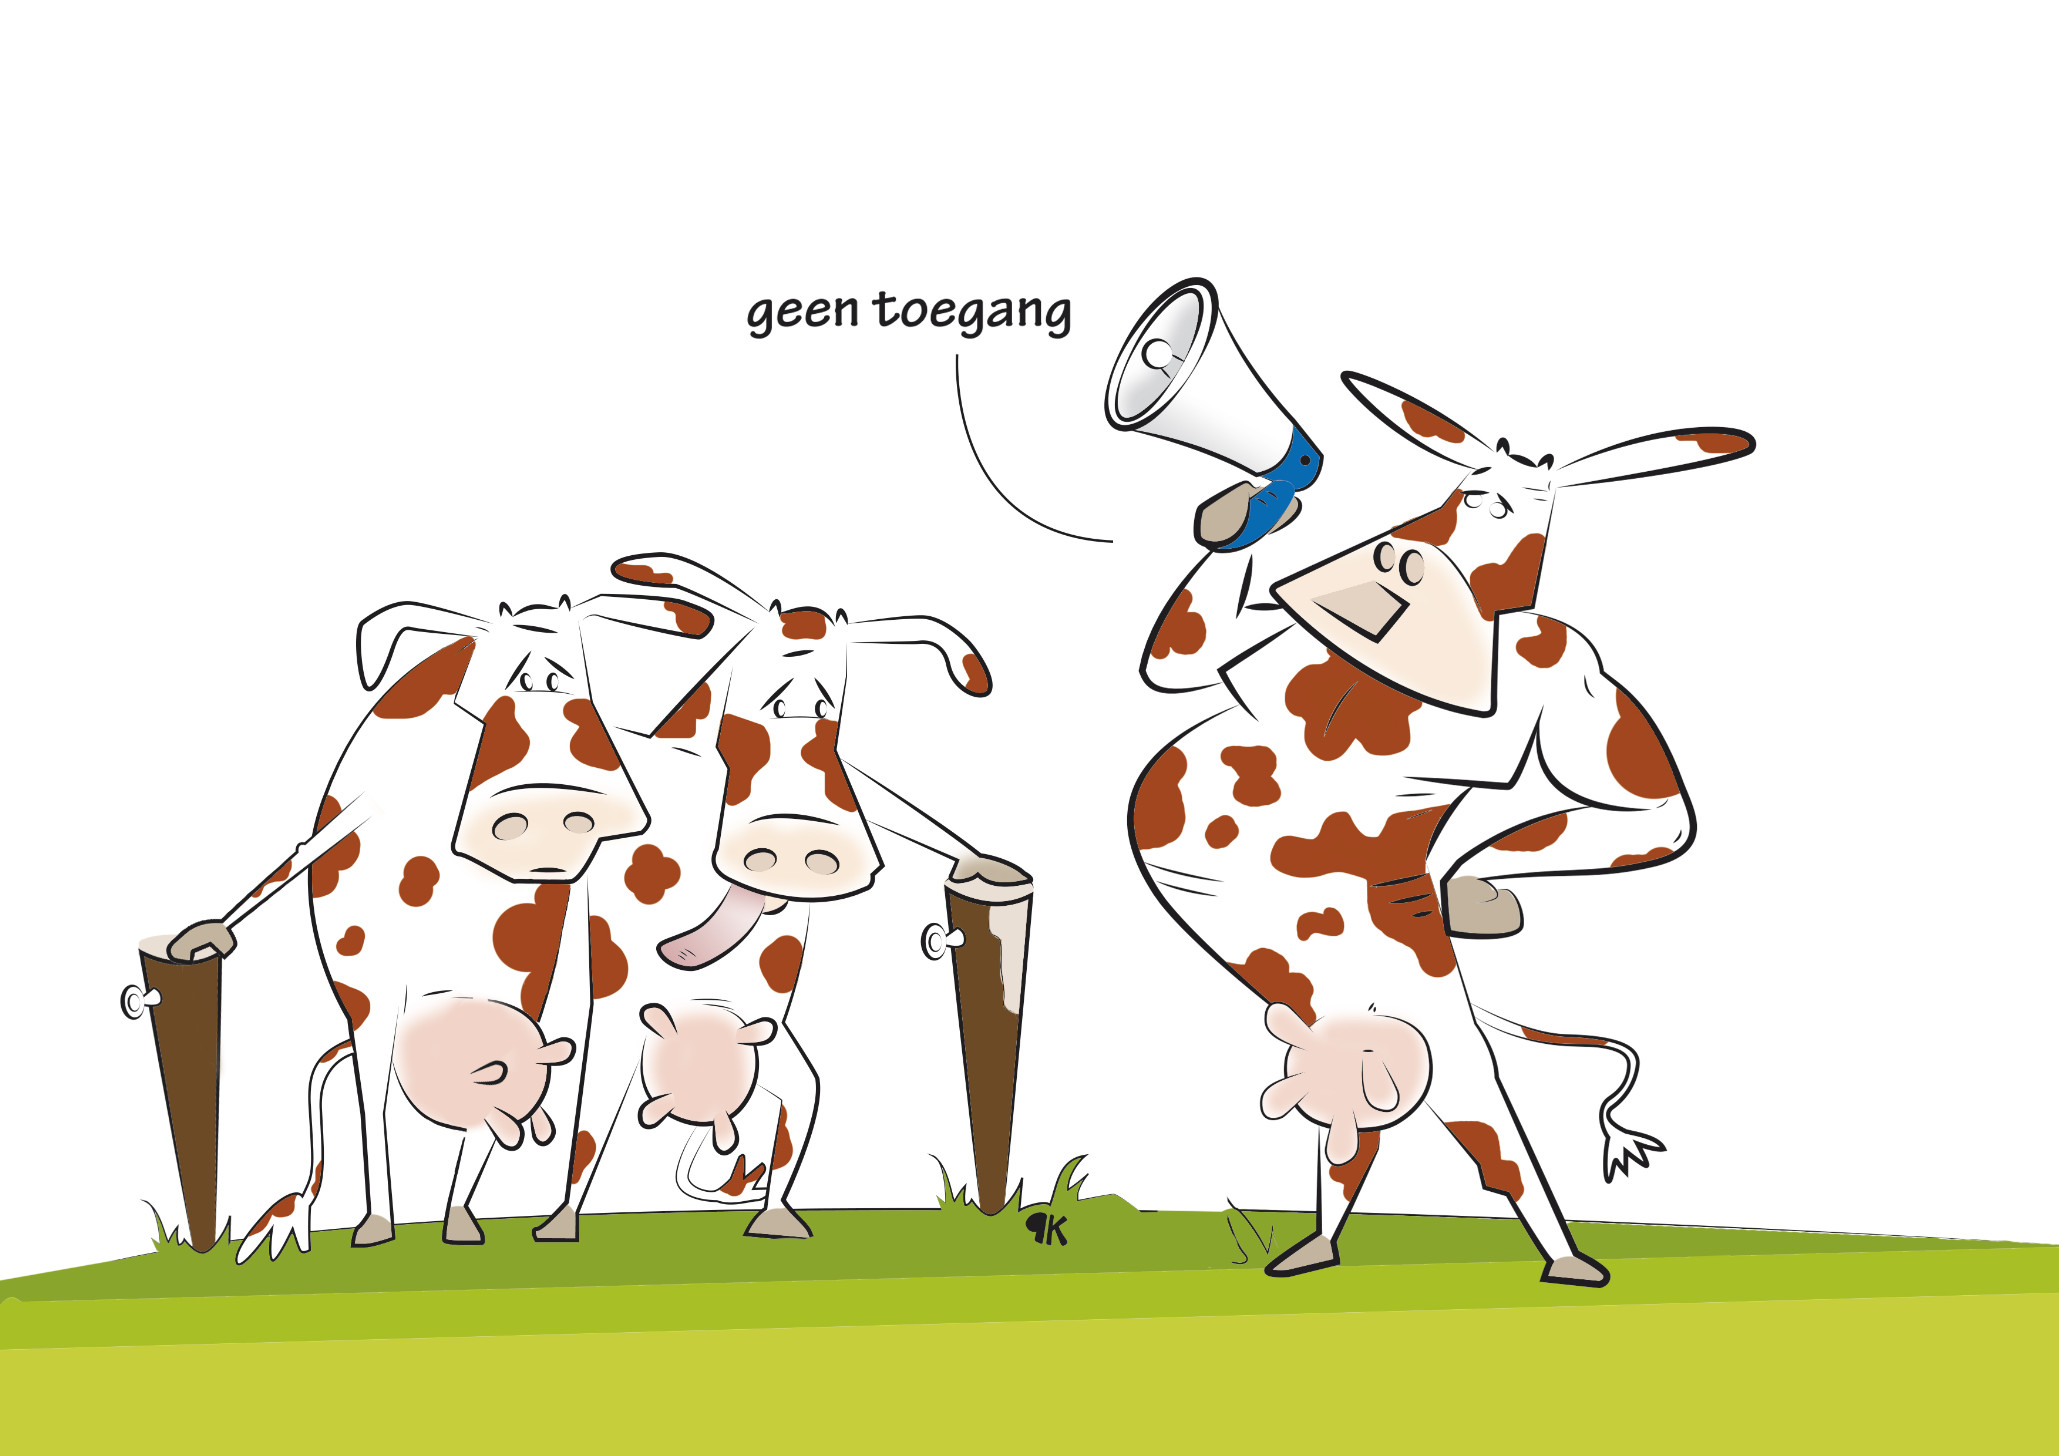 Nederlands klimaat vraagt oogstzekerheid